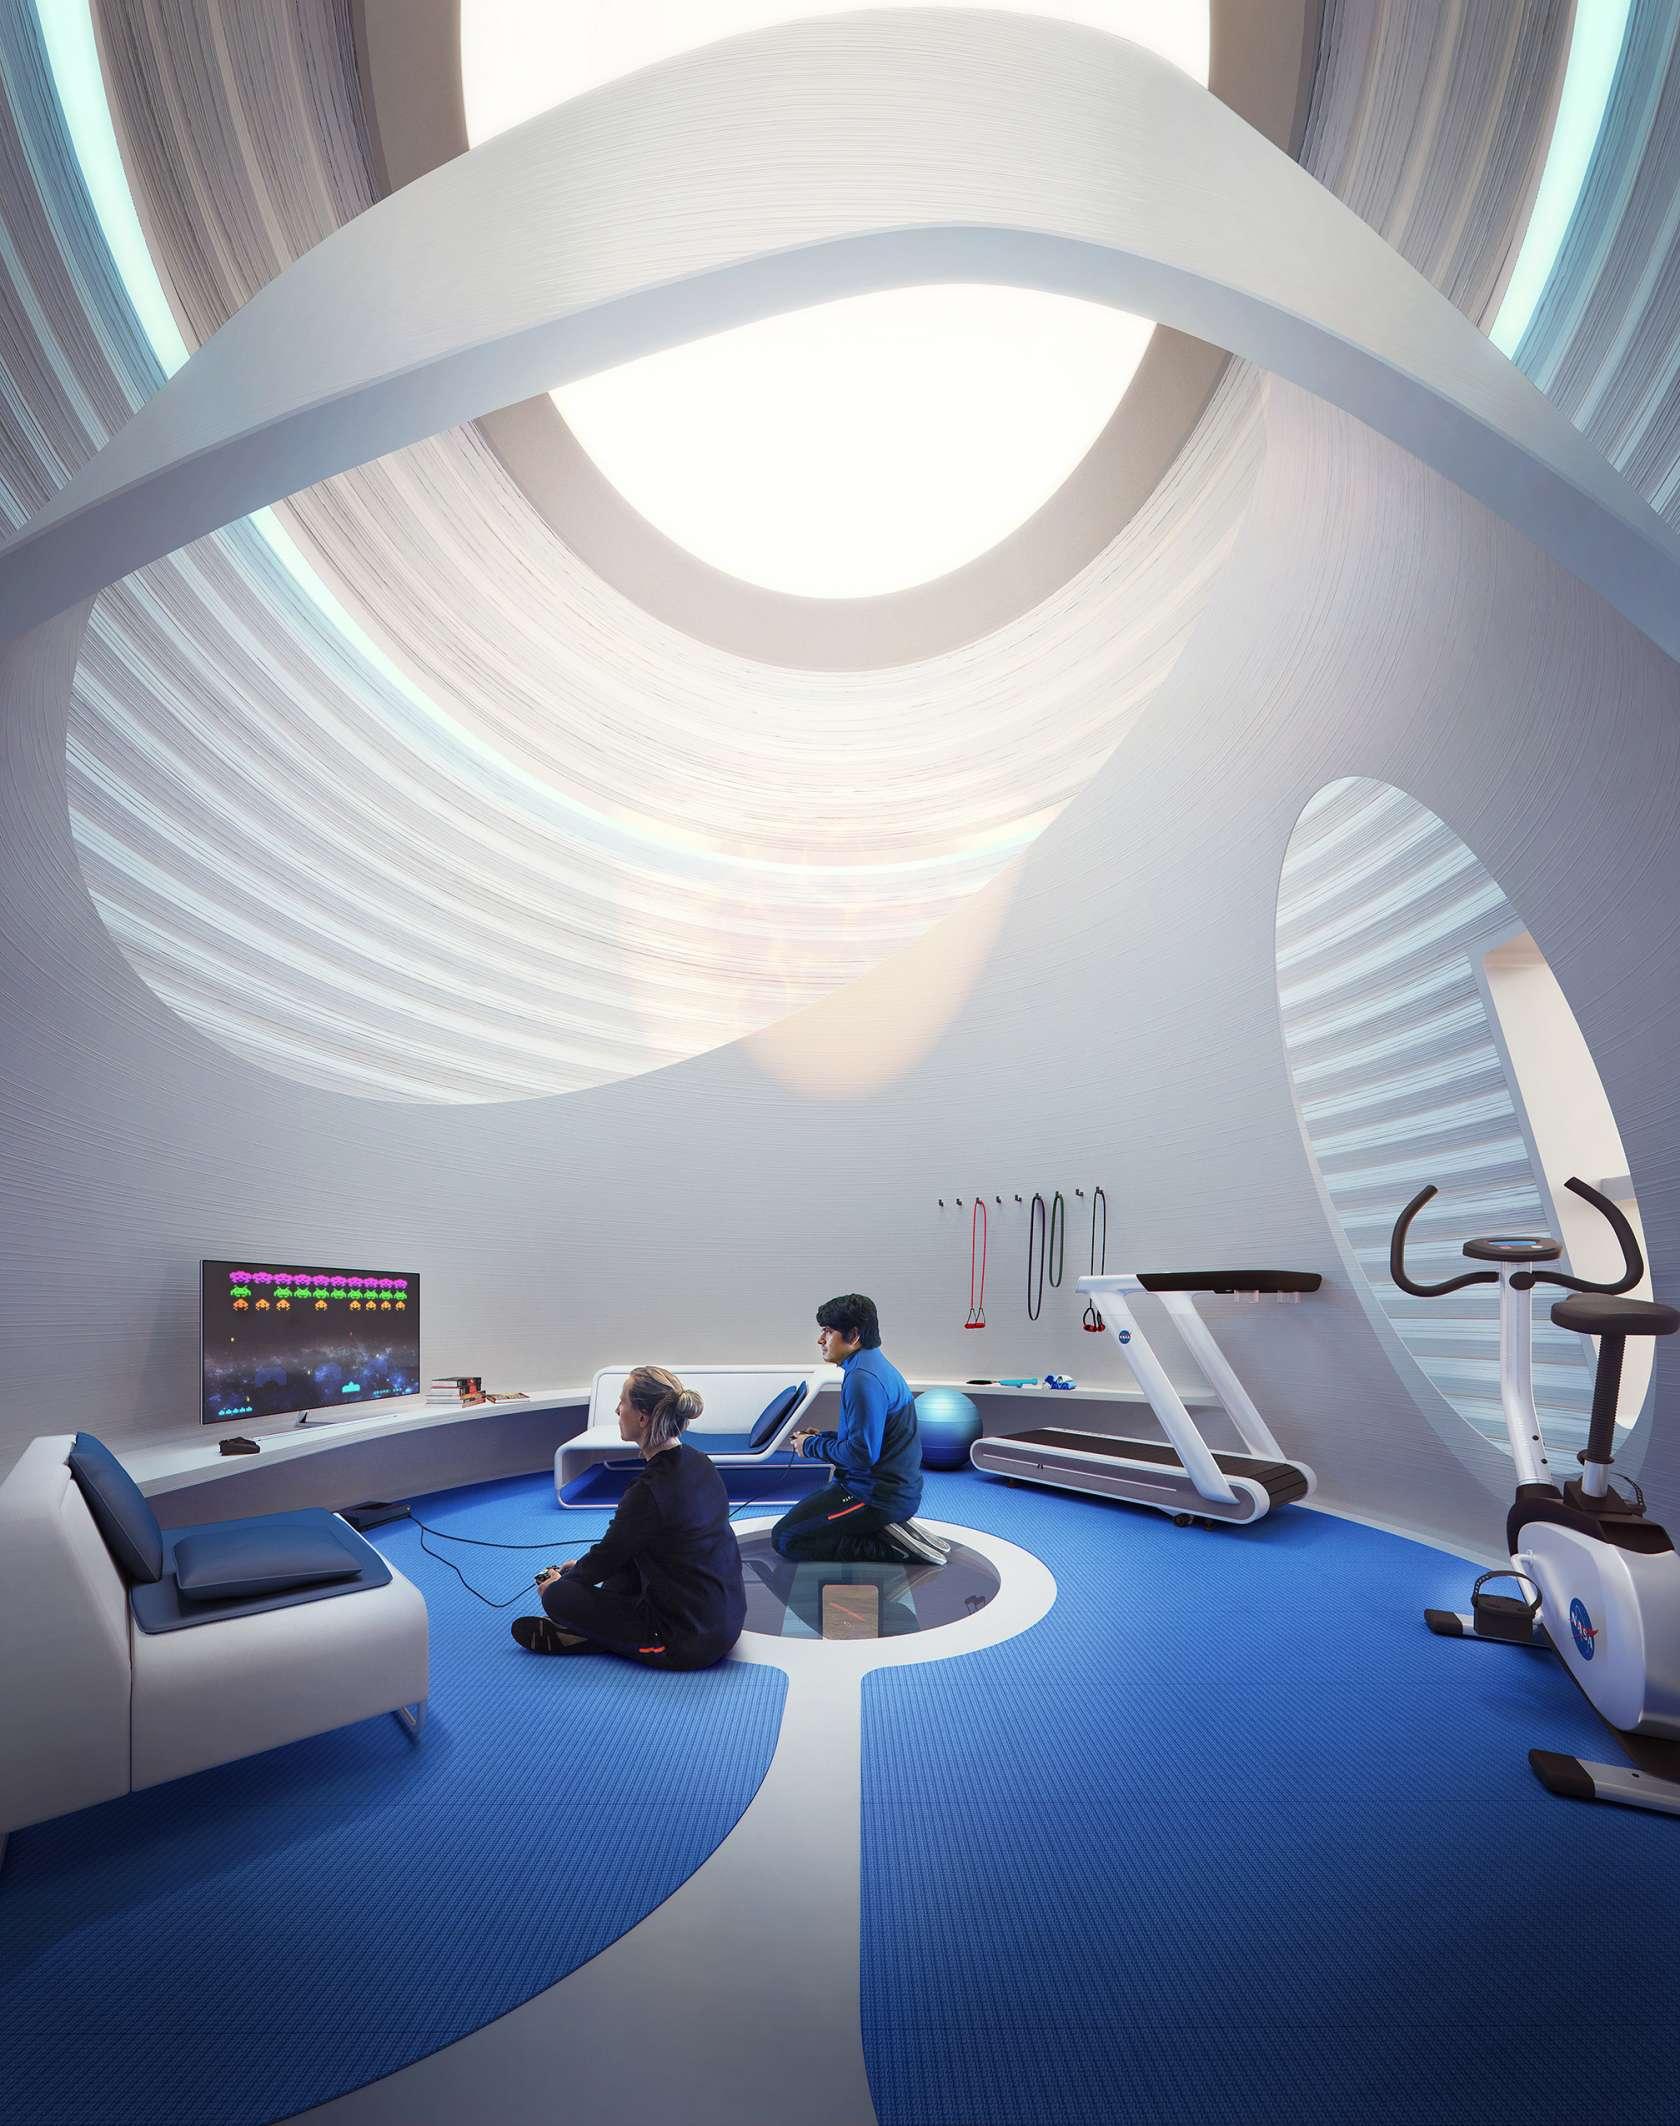 MARSHA Mars habitat colony (AI Space Factory) 9 (c)